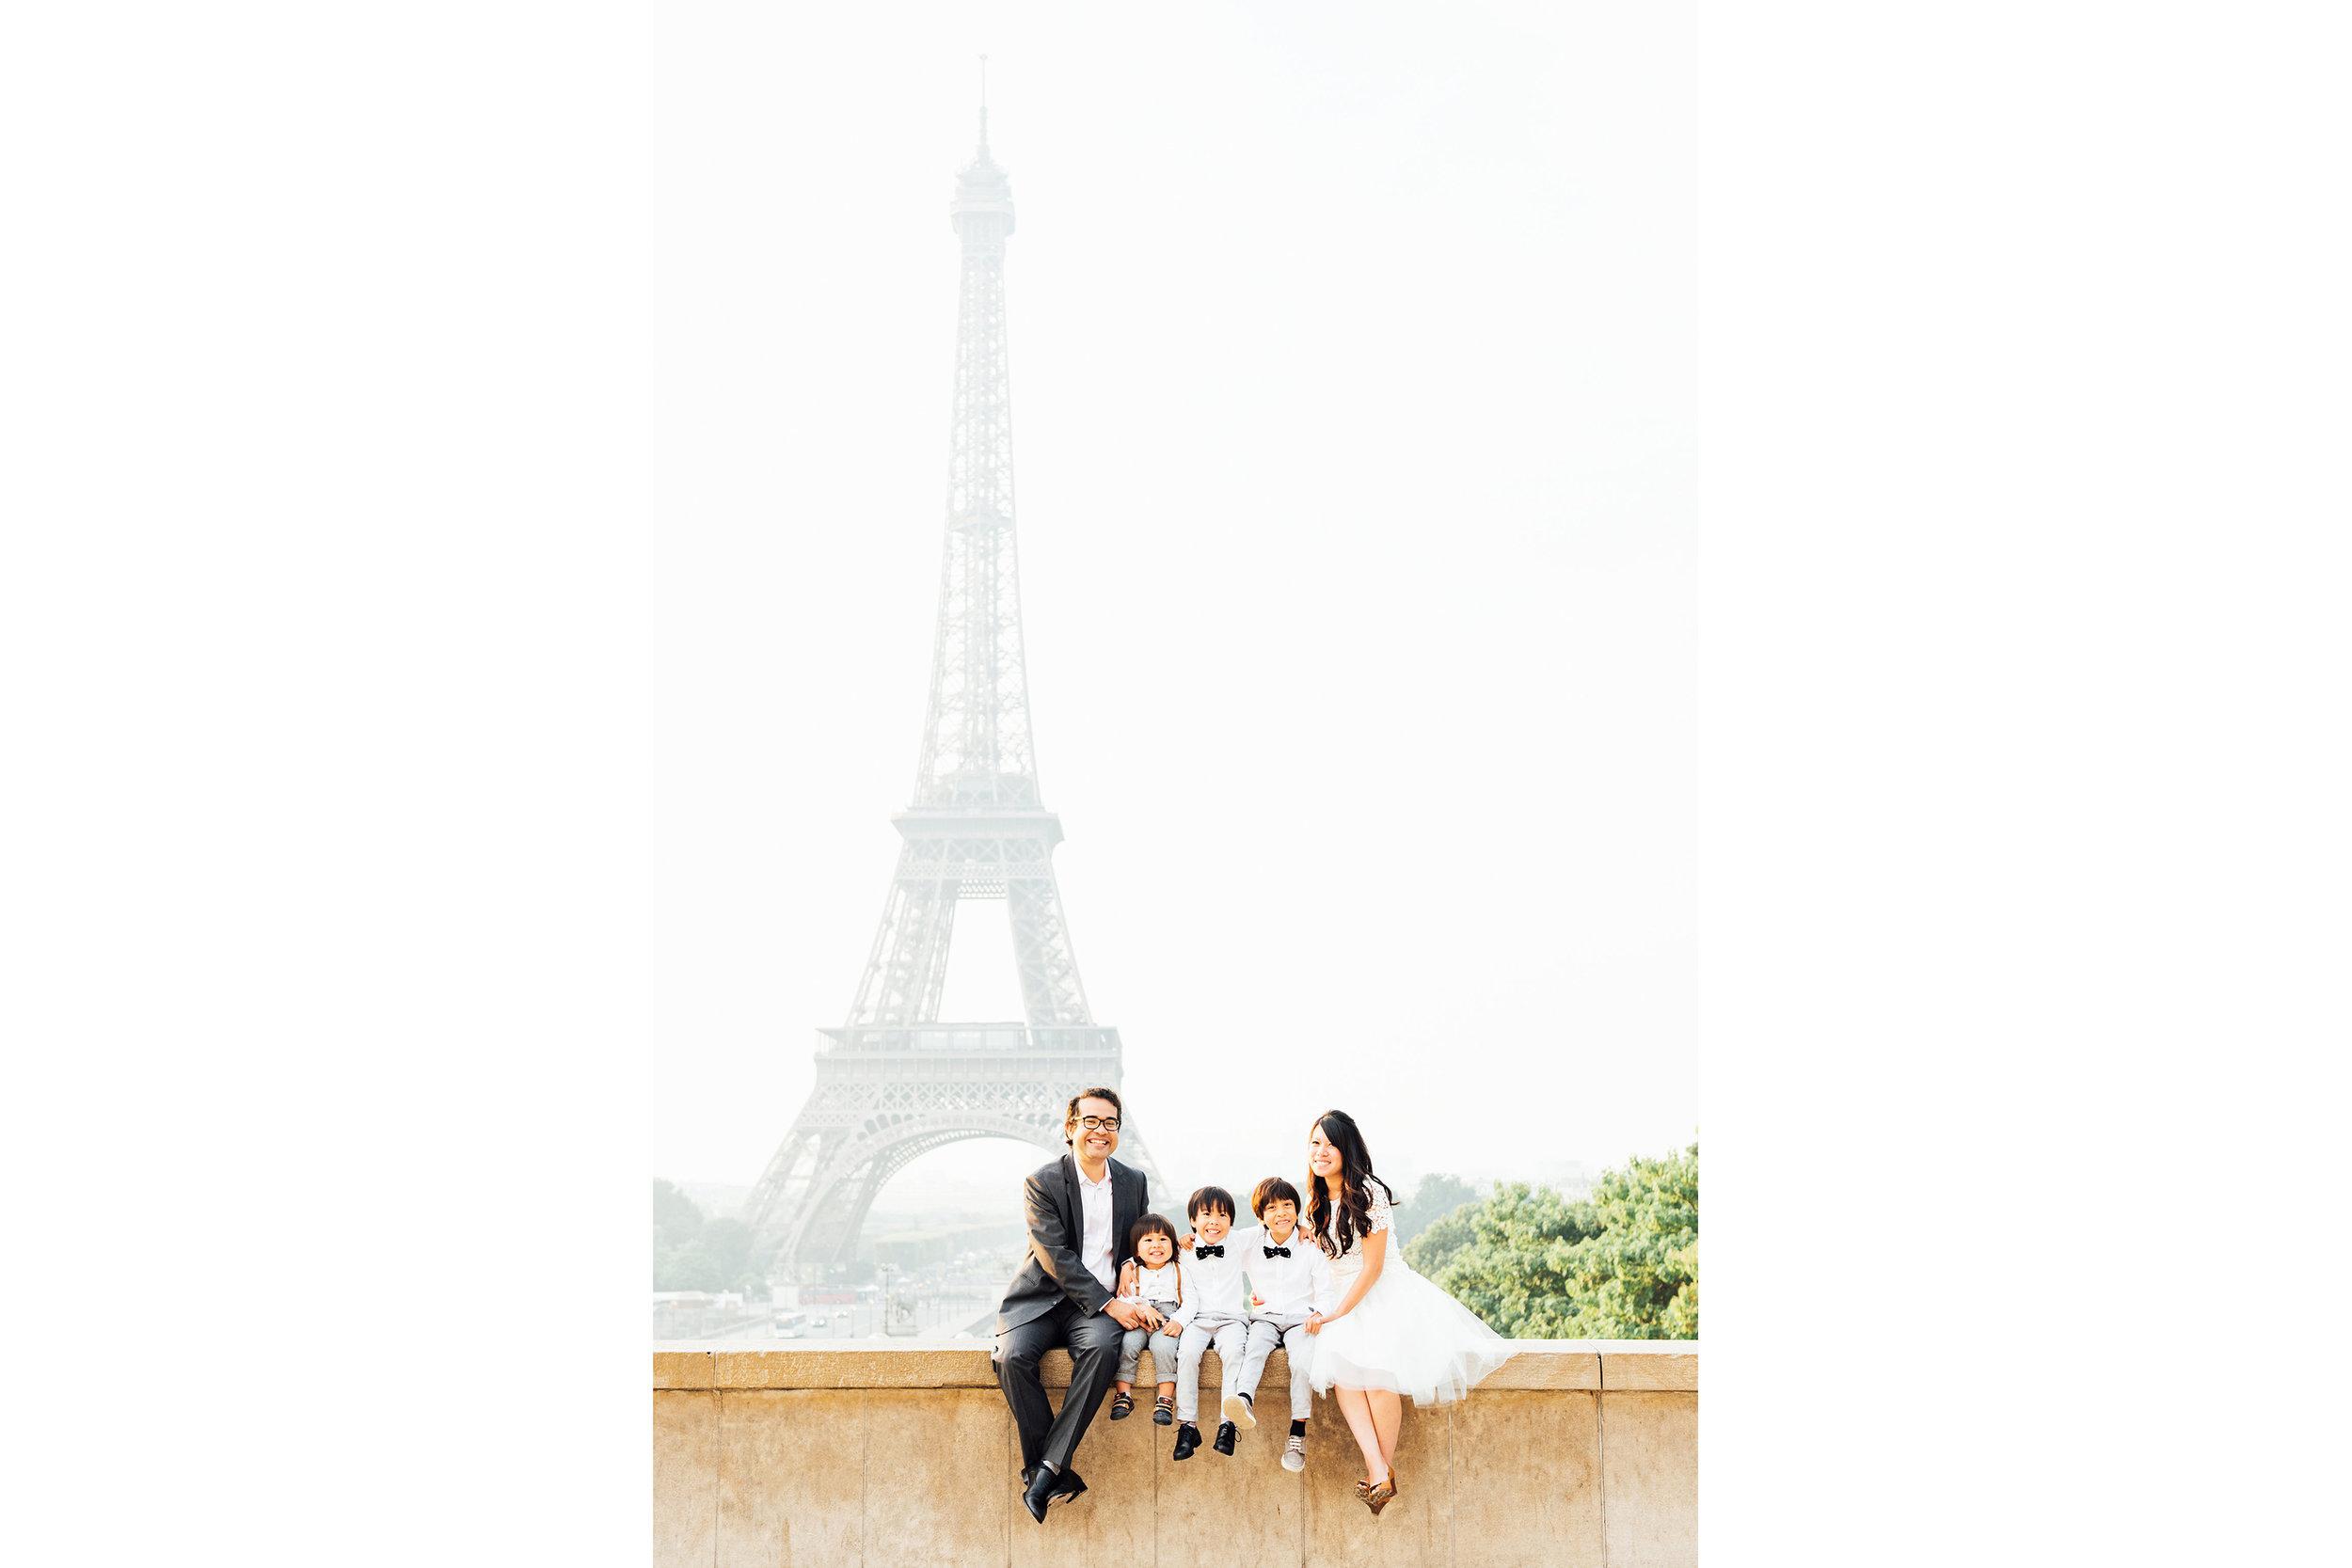 Katie_Mitchell_Paris_France_Family_Portrait_Photographer_02.jpg